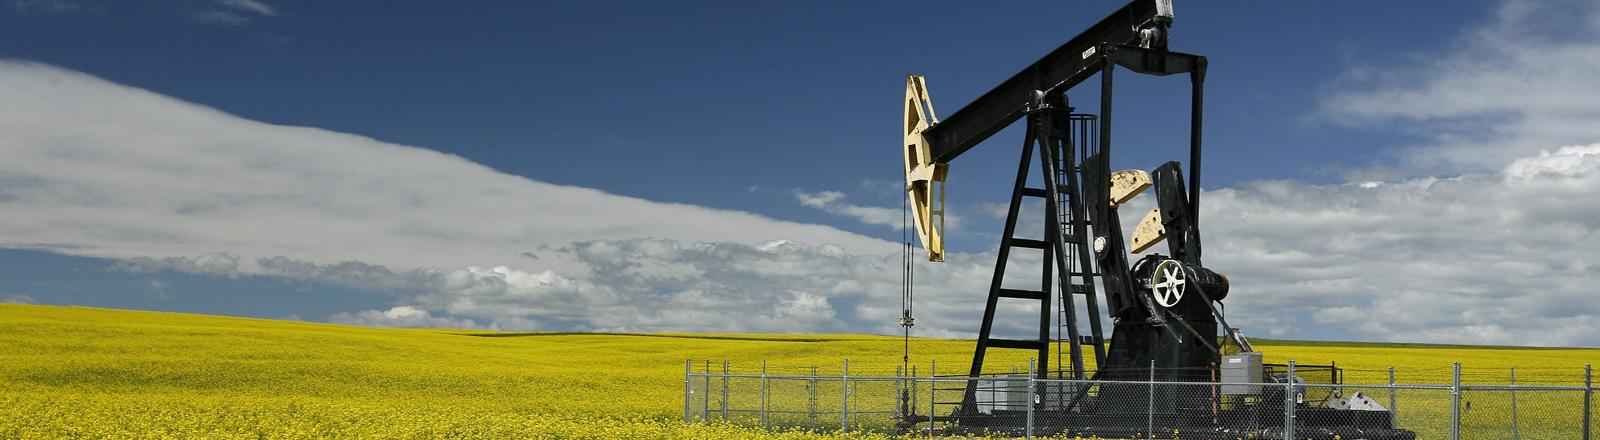 In Alberta steht mitten in einem Rapsfeld eine Öl-Förderanlage.